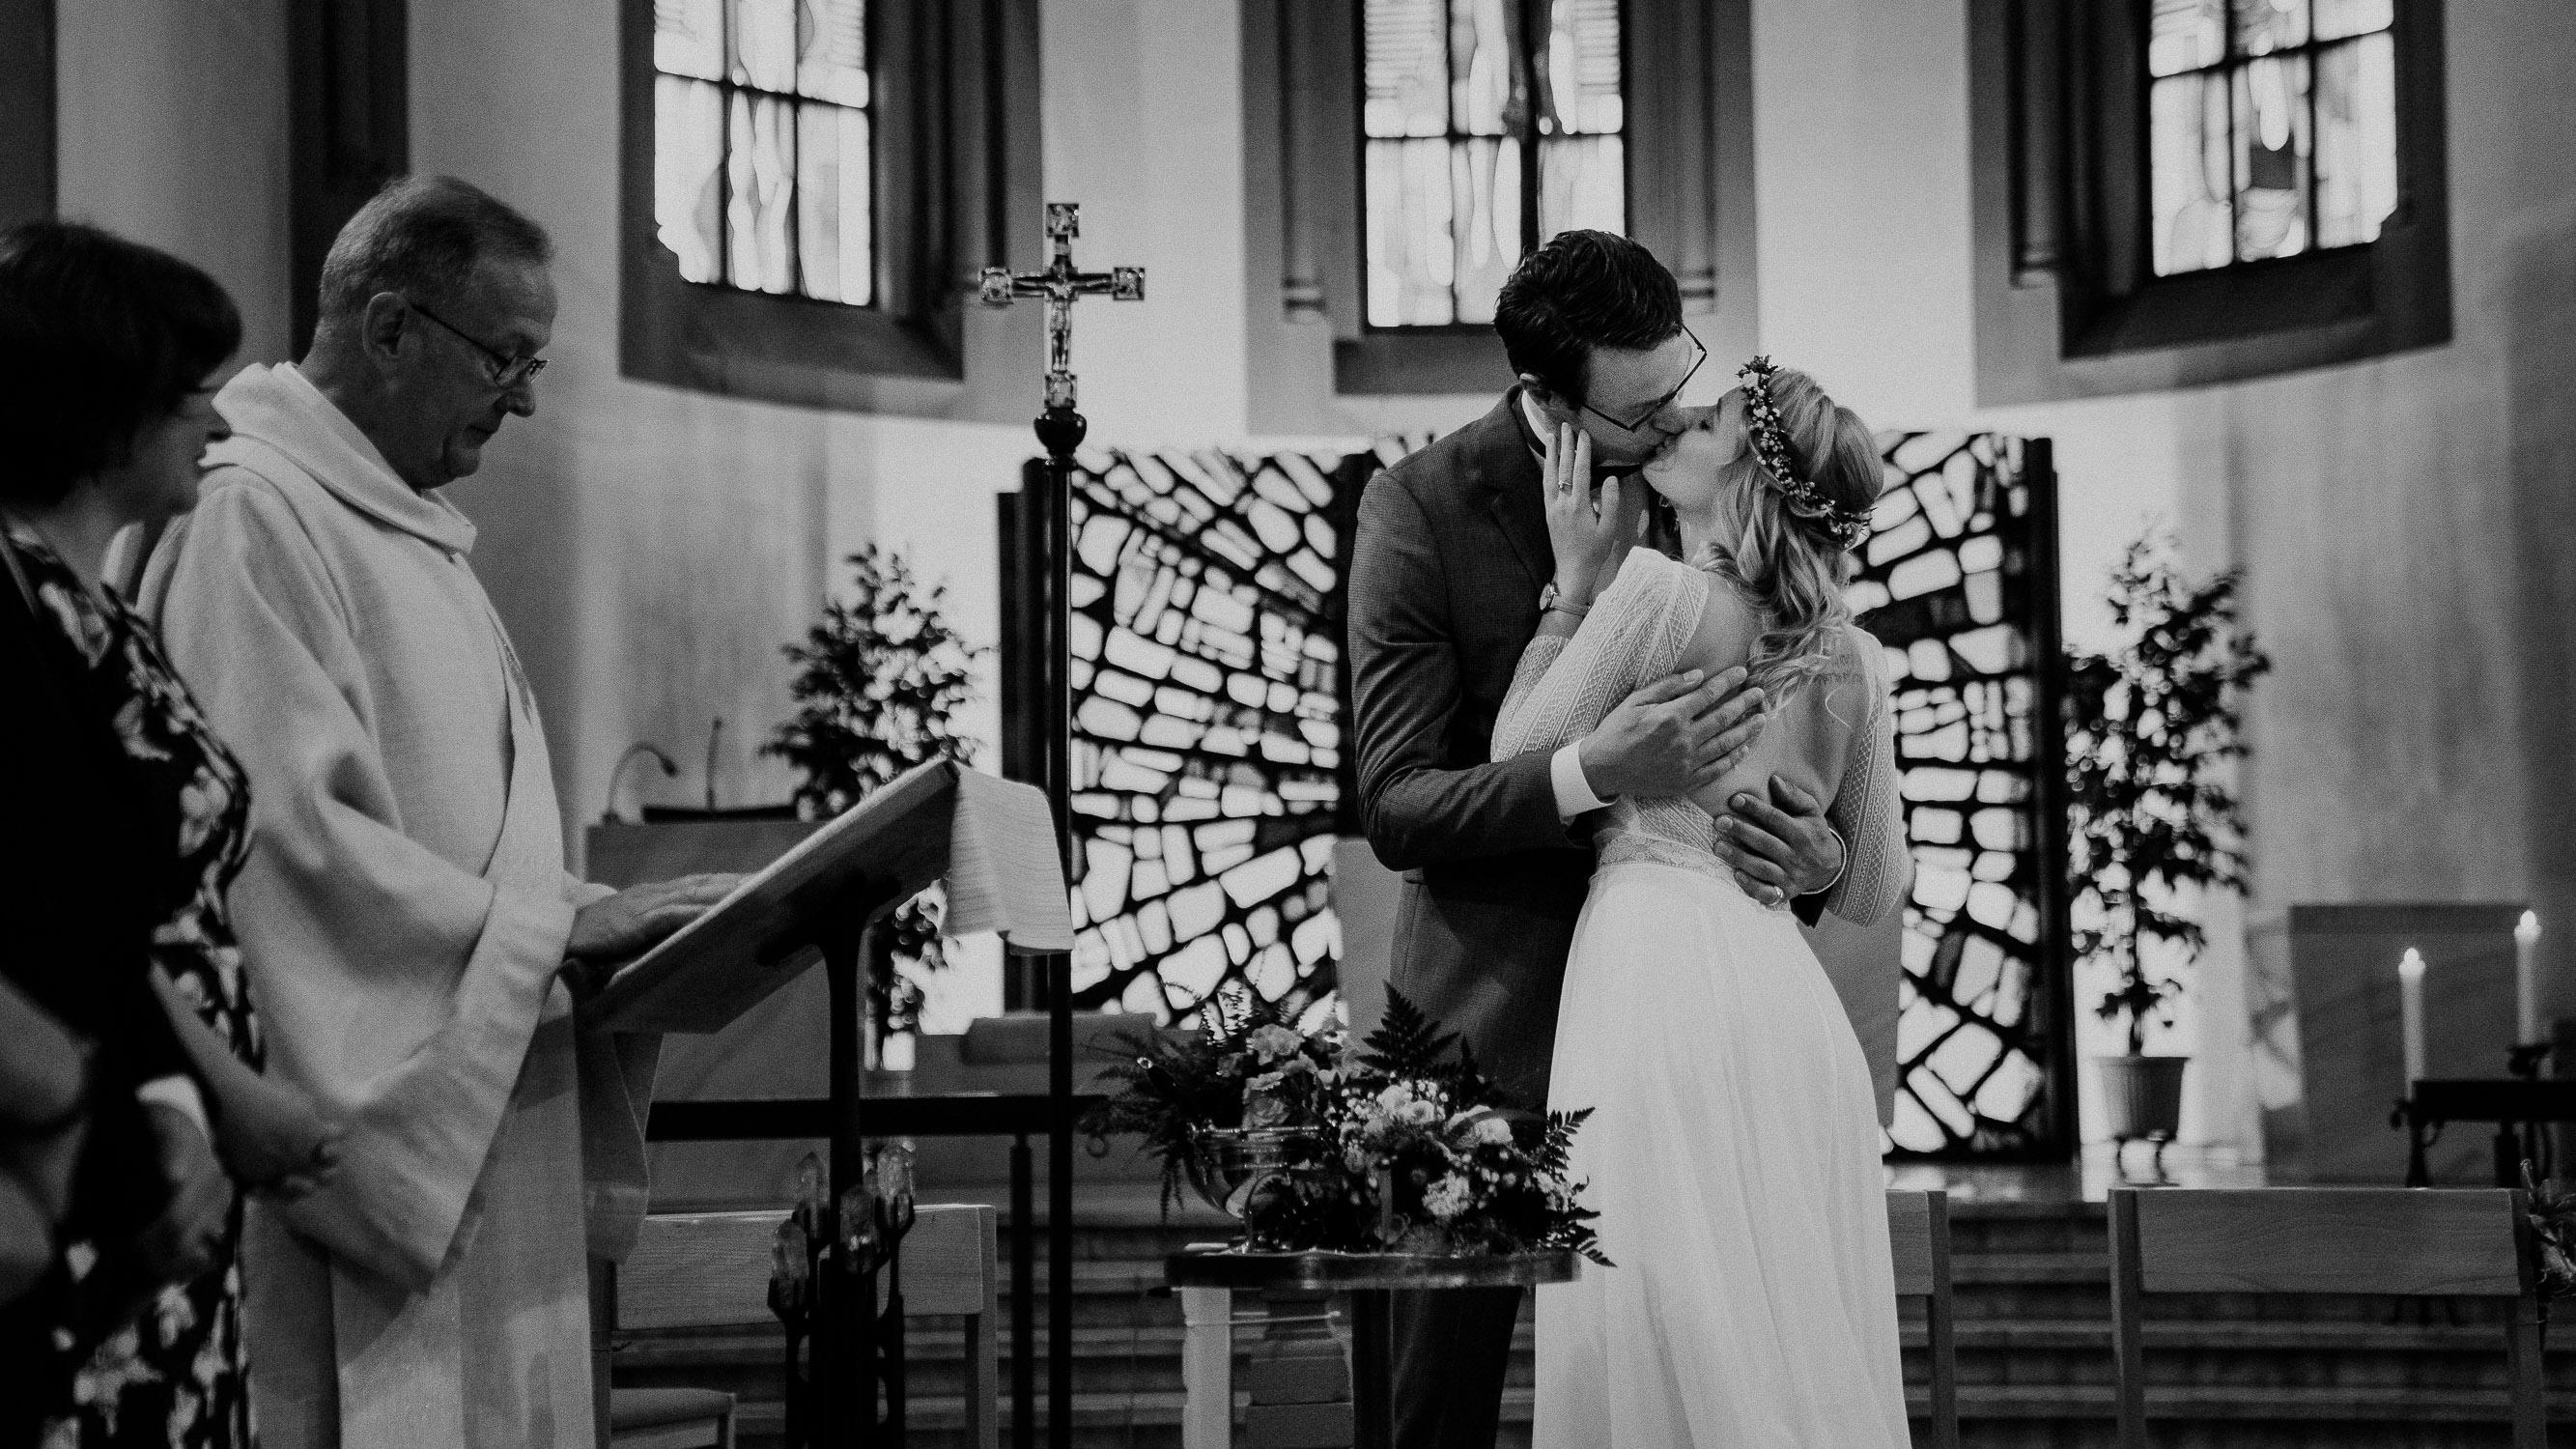 Erster Kuss in der Kirhce während der Trauung. Fotografiert von Hochzeitsfotograf Axel Link